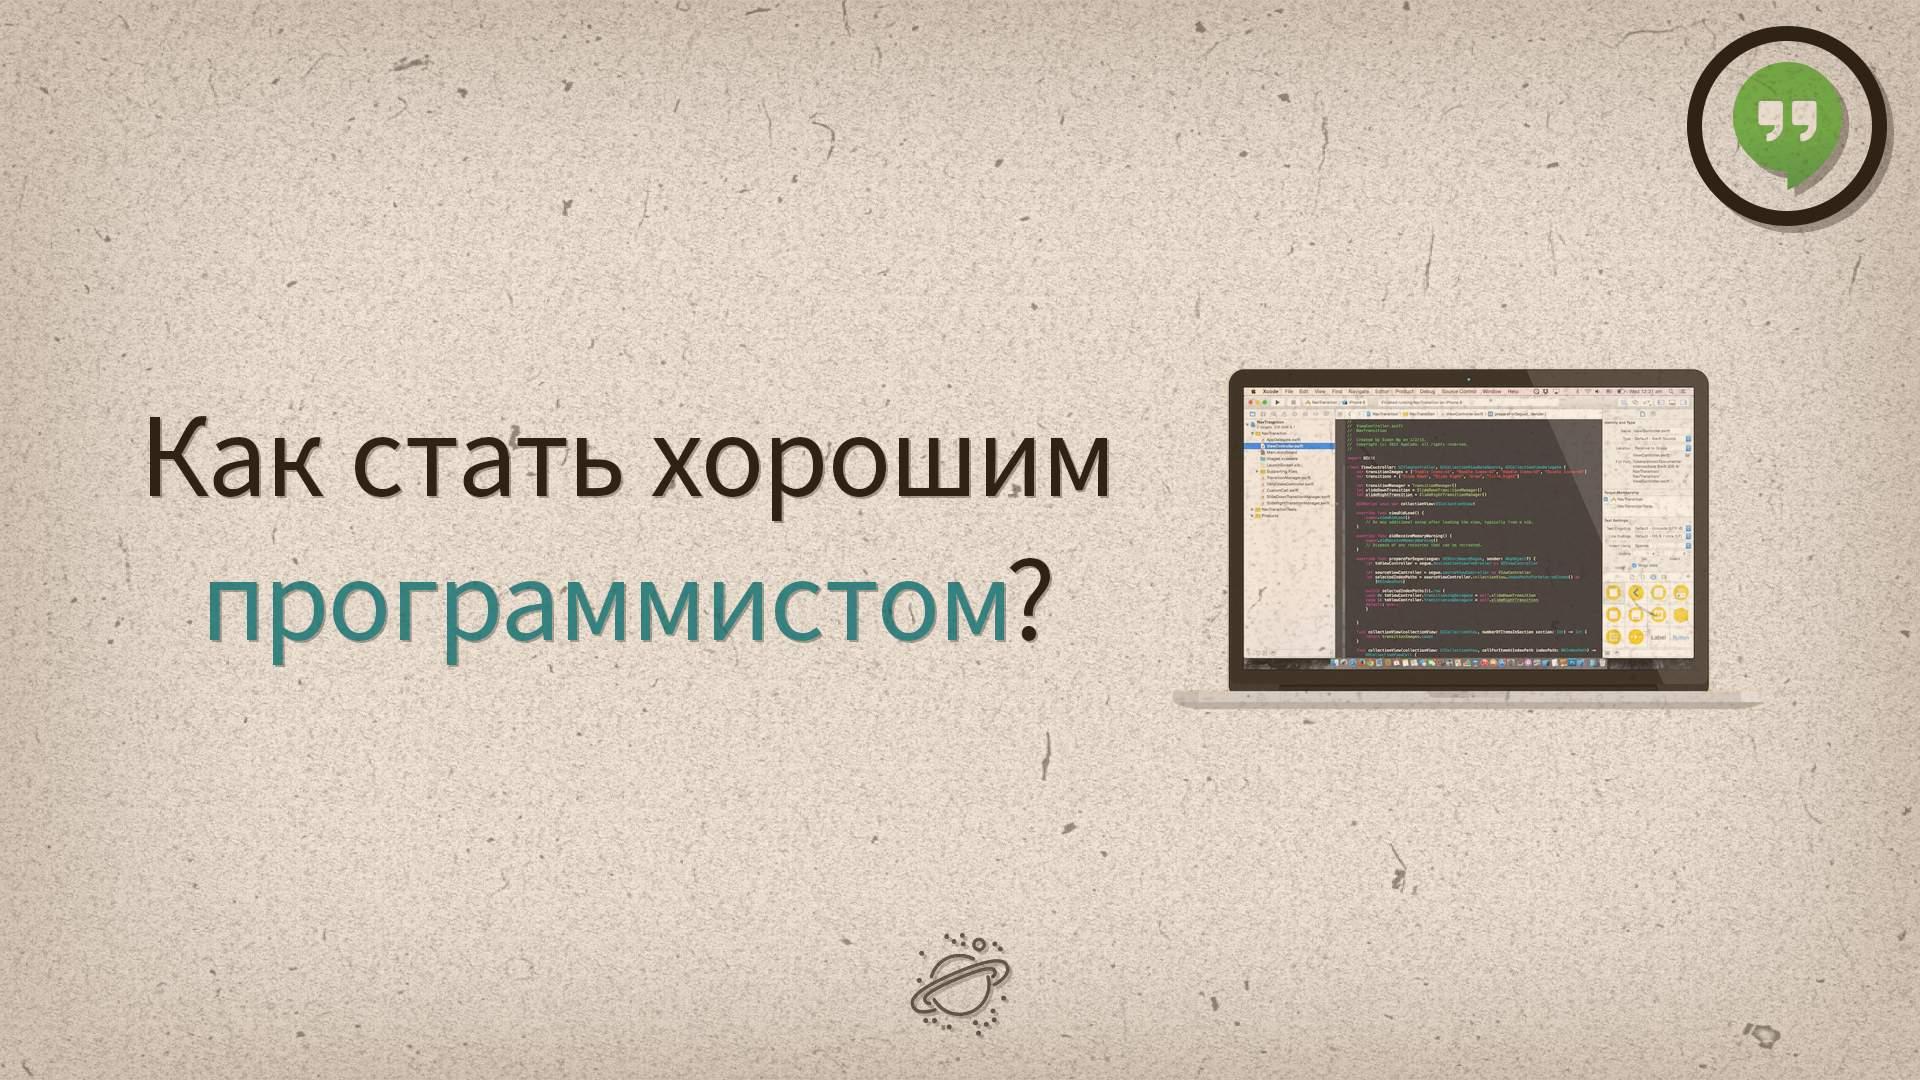 Как стать хорошим программистом?